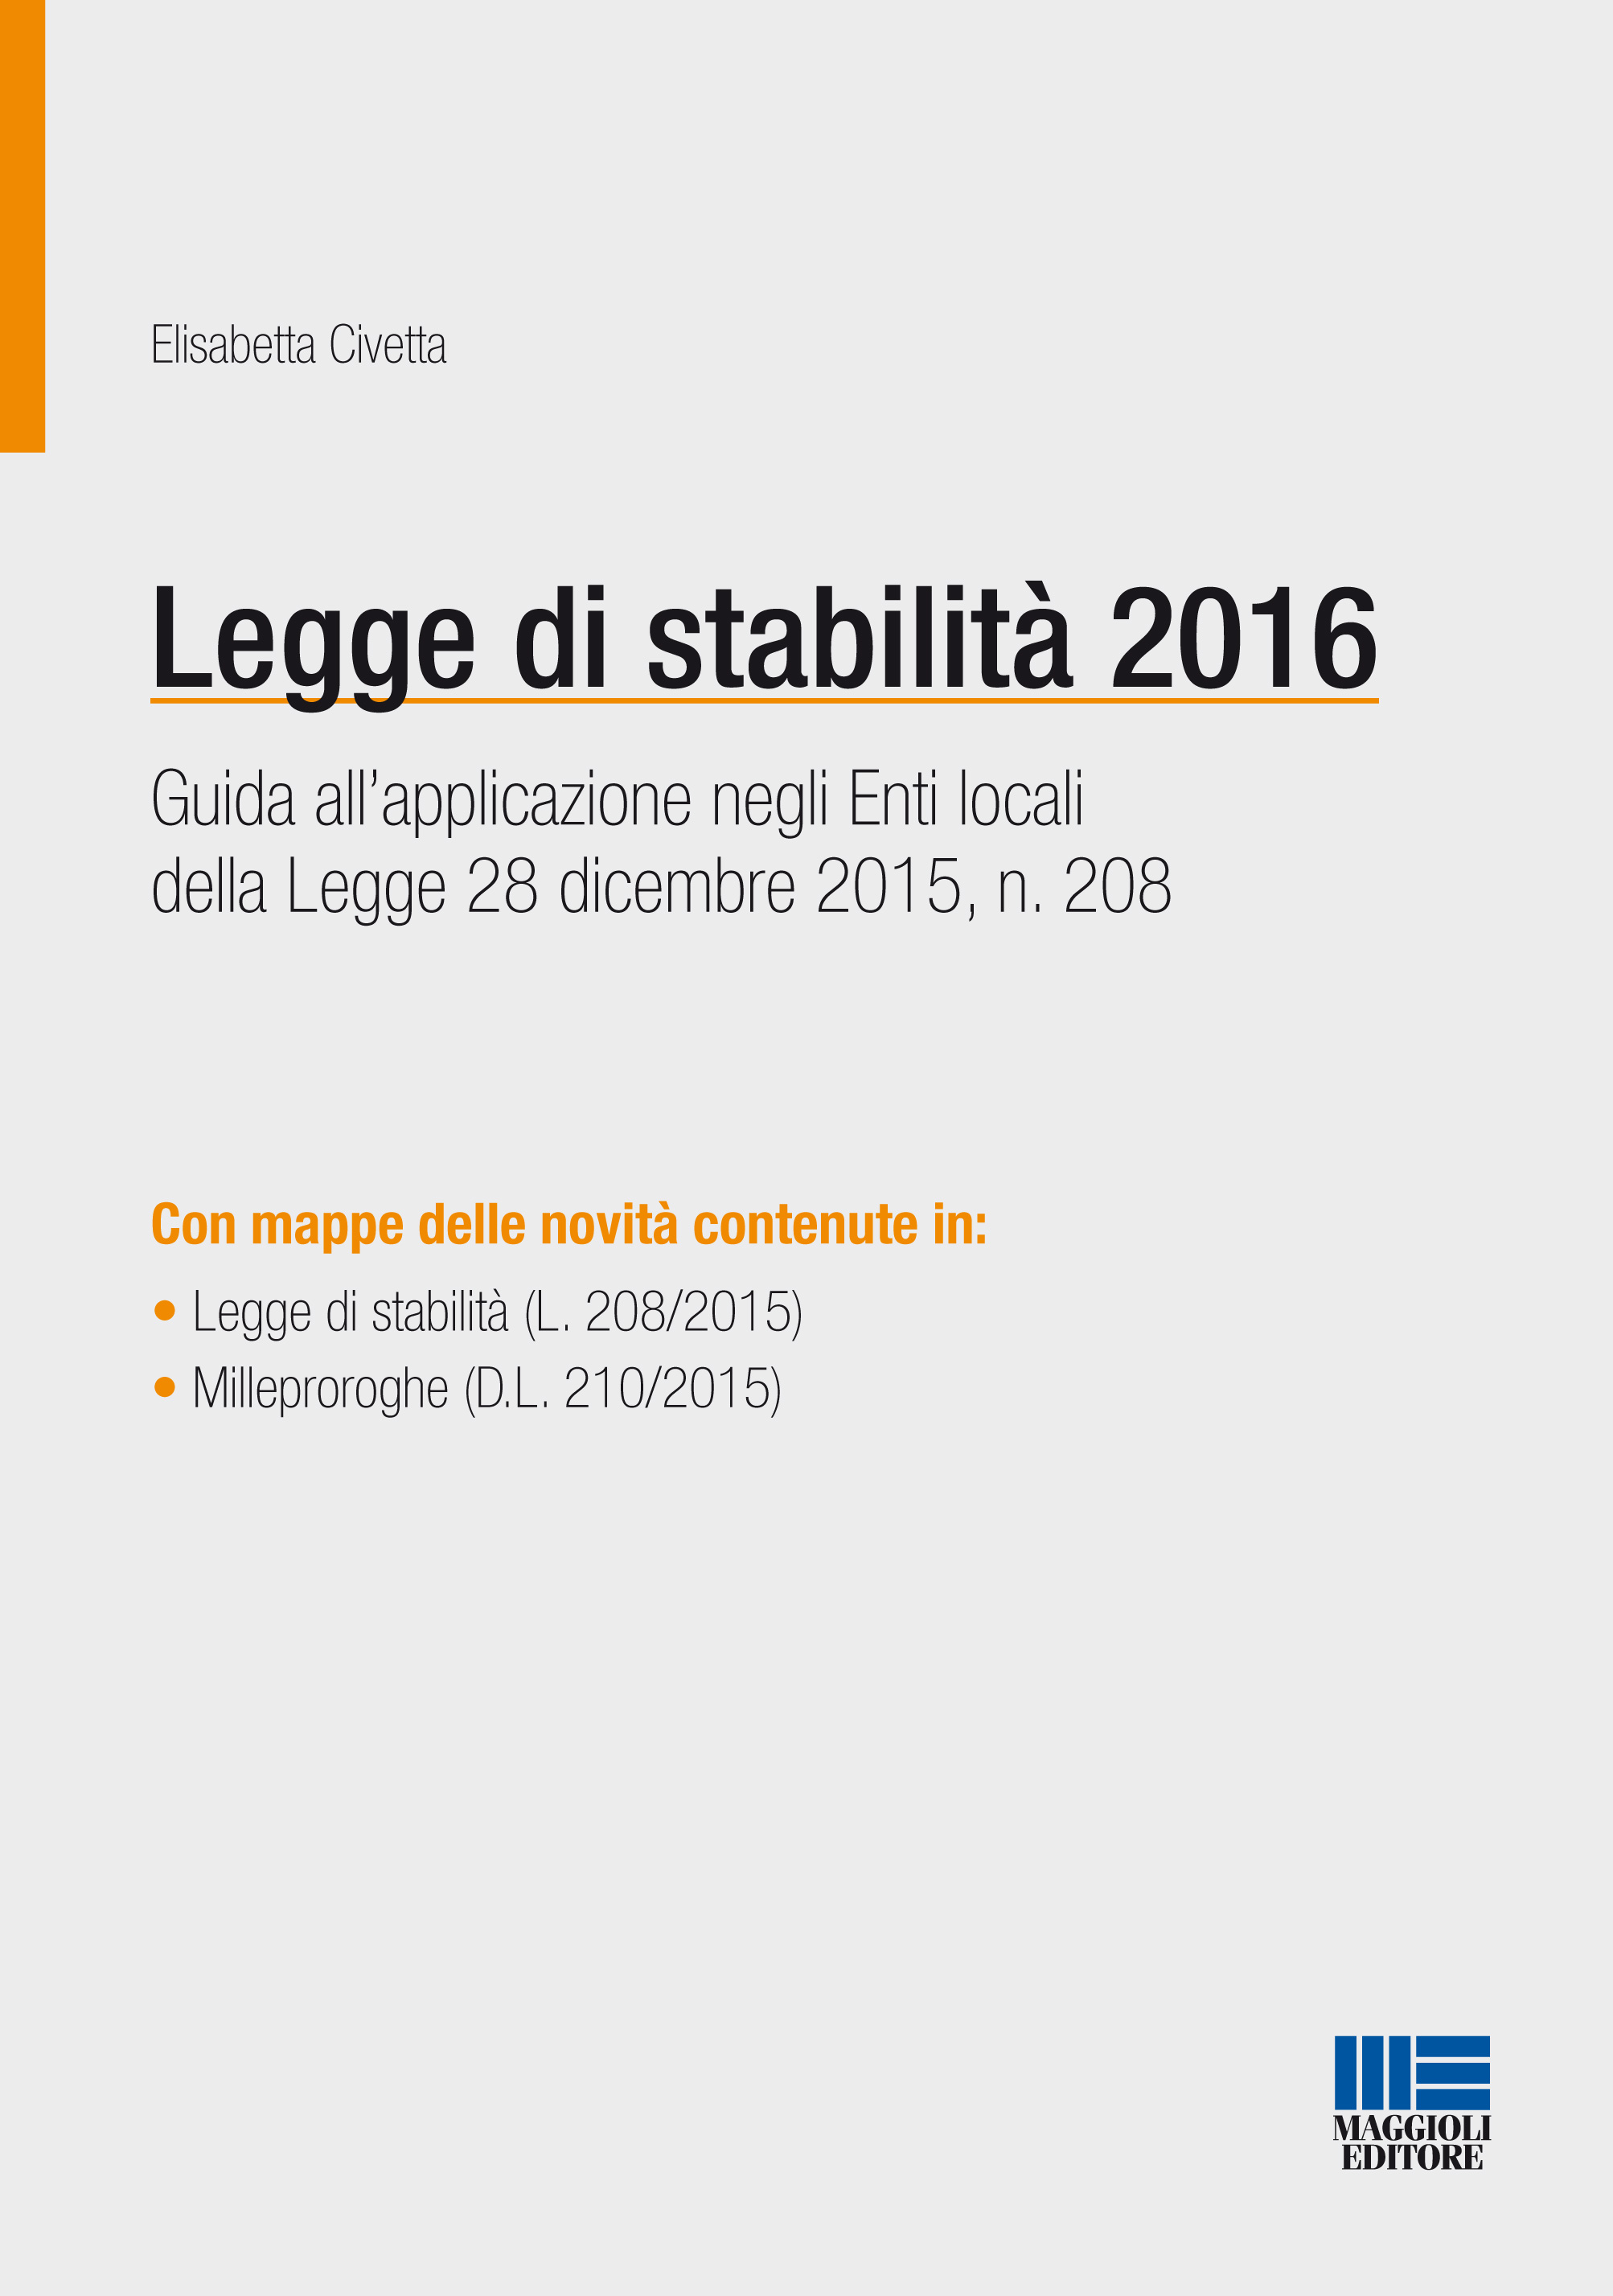 La legge di stabilità 2016